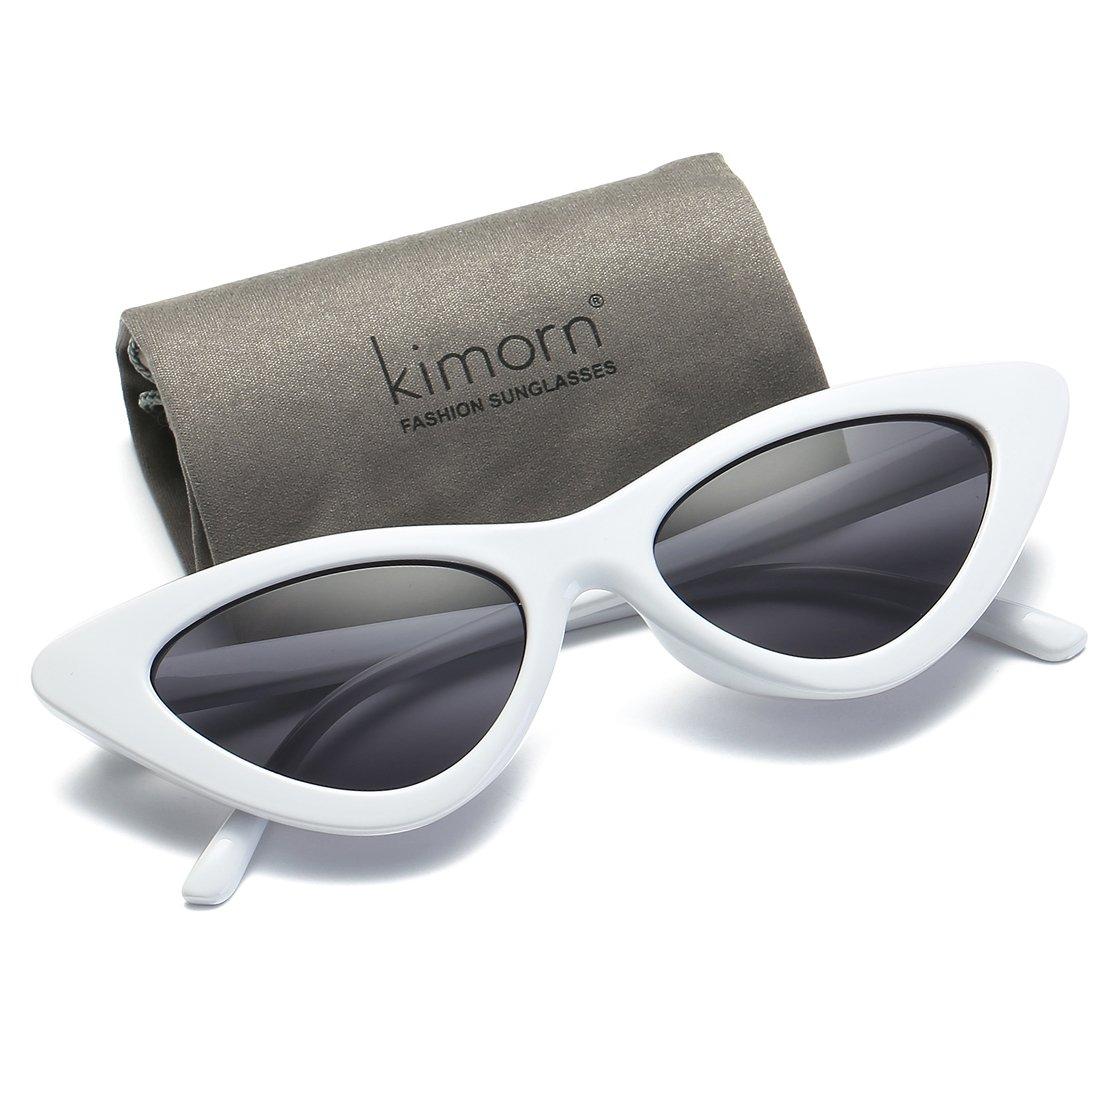 21381d8232a2d kimorn Œil De Chat lunettes de soleil pour femmes Clout Goggles Charnières  métalliques K0566 (Blanc Noir)  Amazon.fr  Vêtements et accessoires